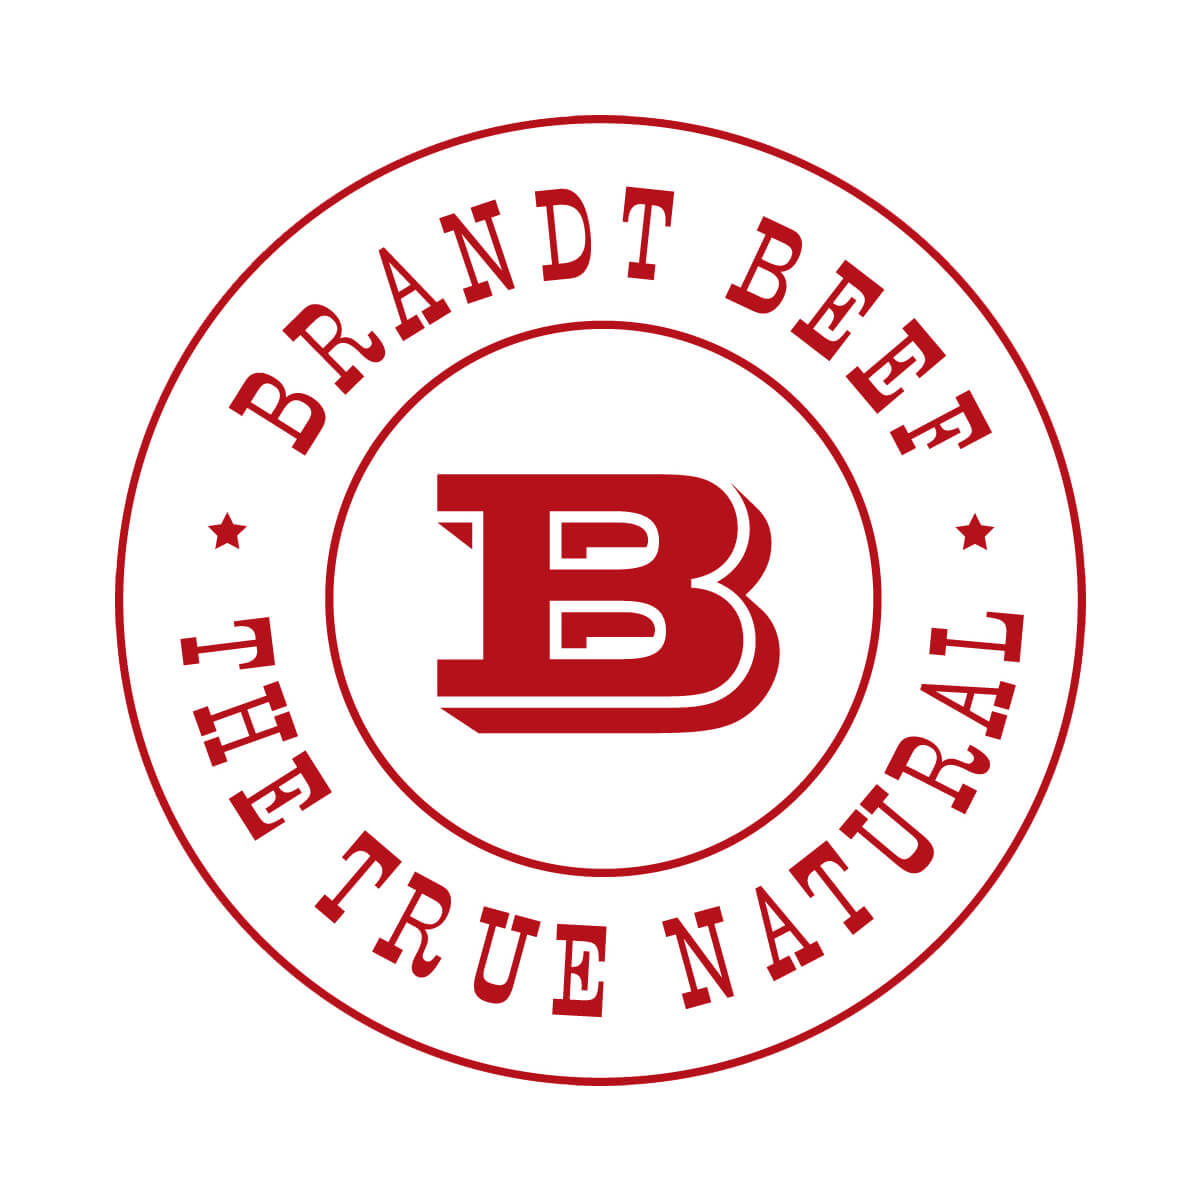 Brandt Beef Jerky